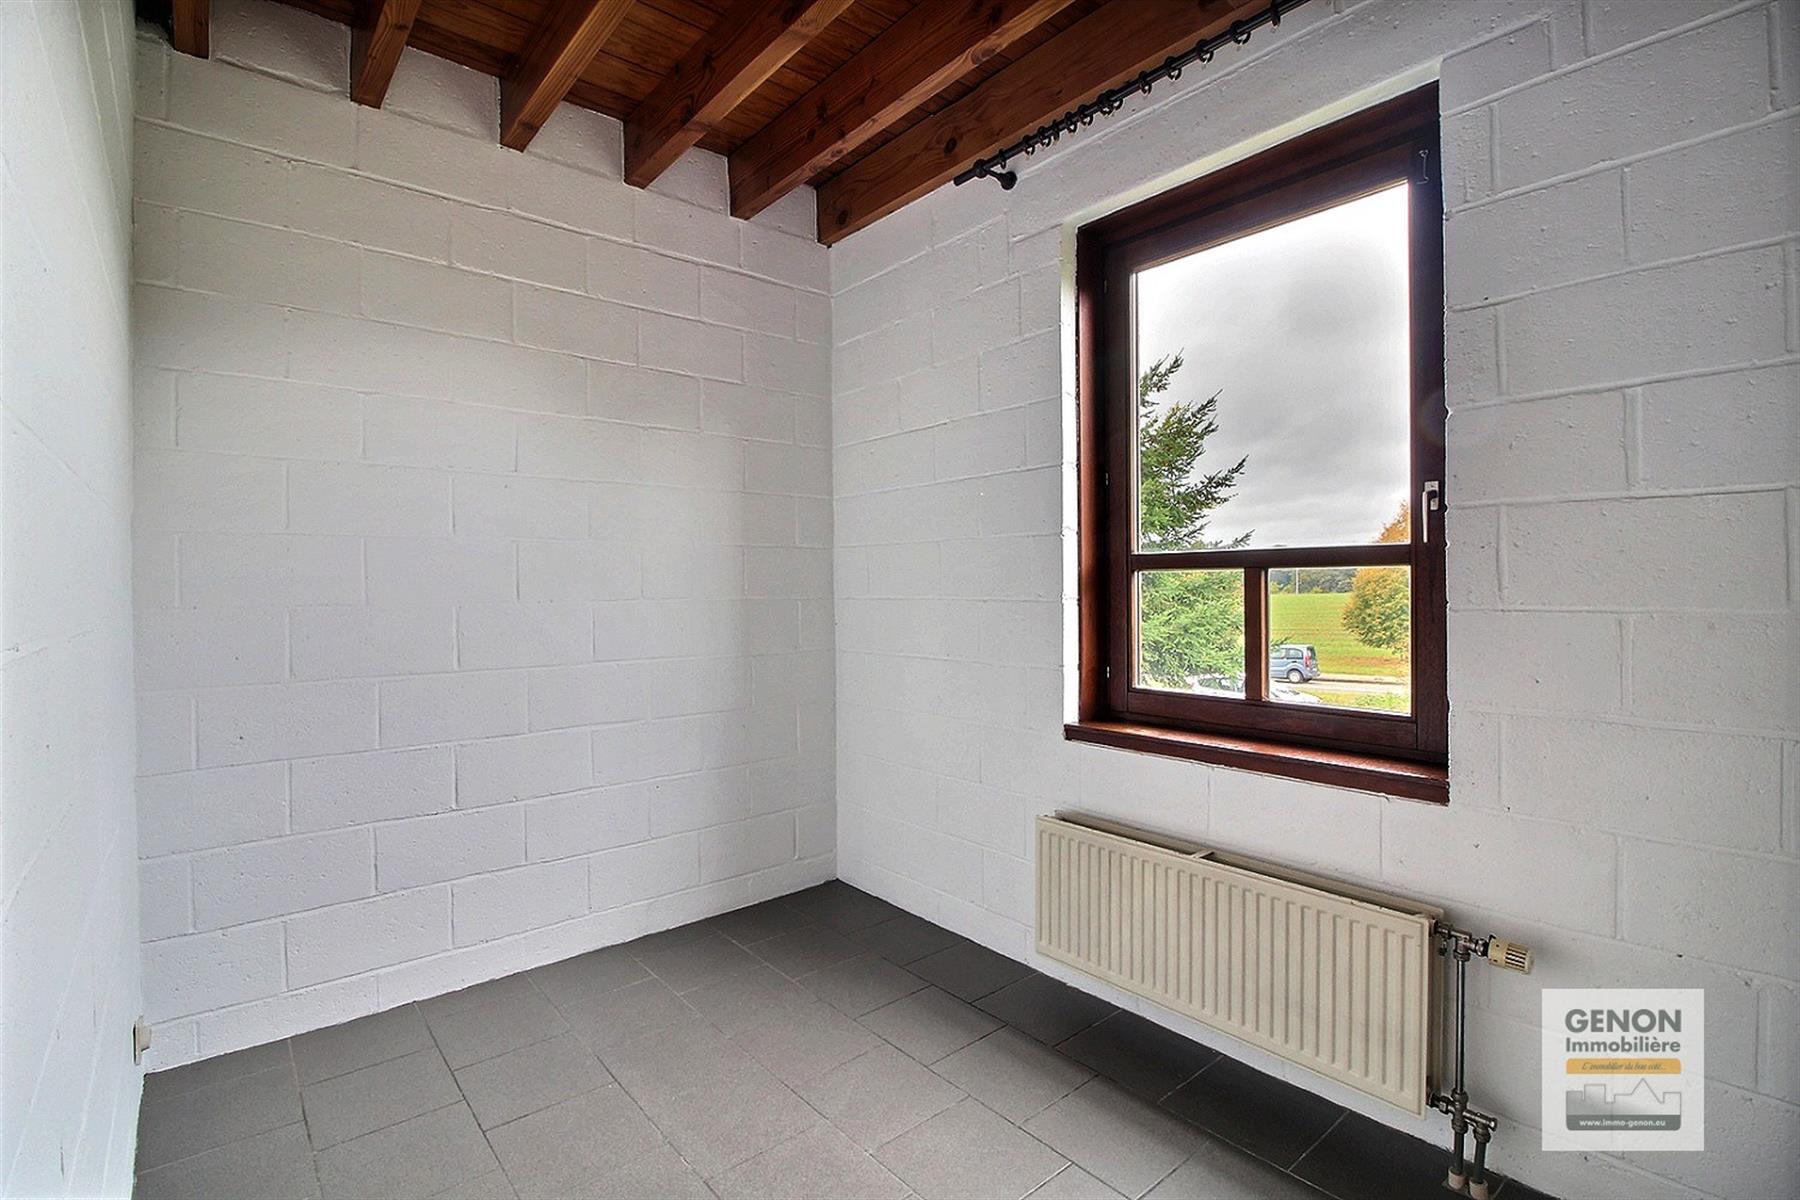 Appartement - Ottignies-Louvain-la-Neuve - #3969328-5